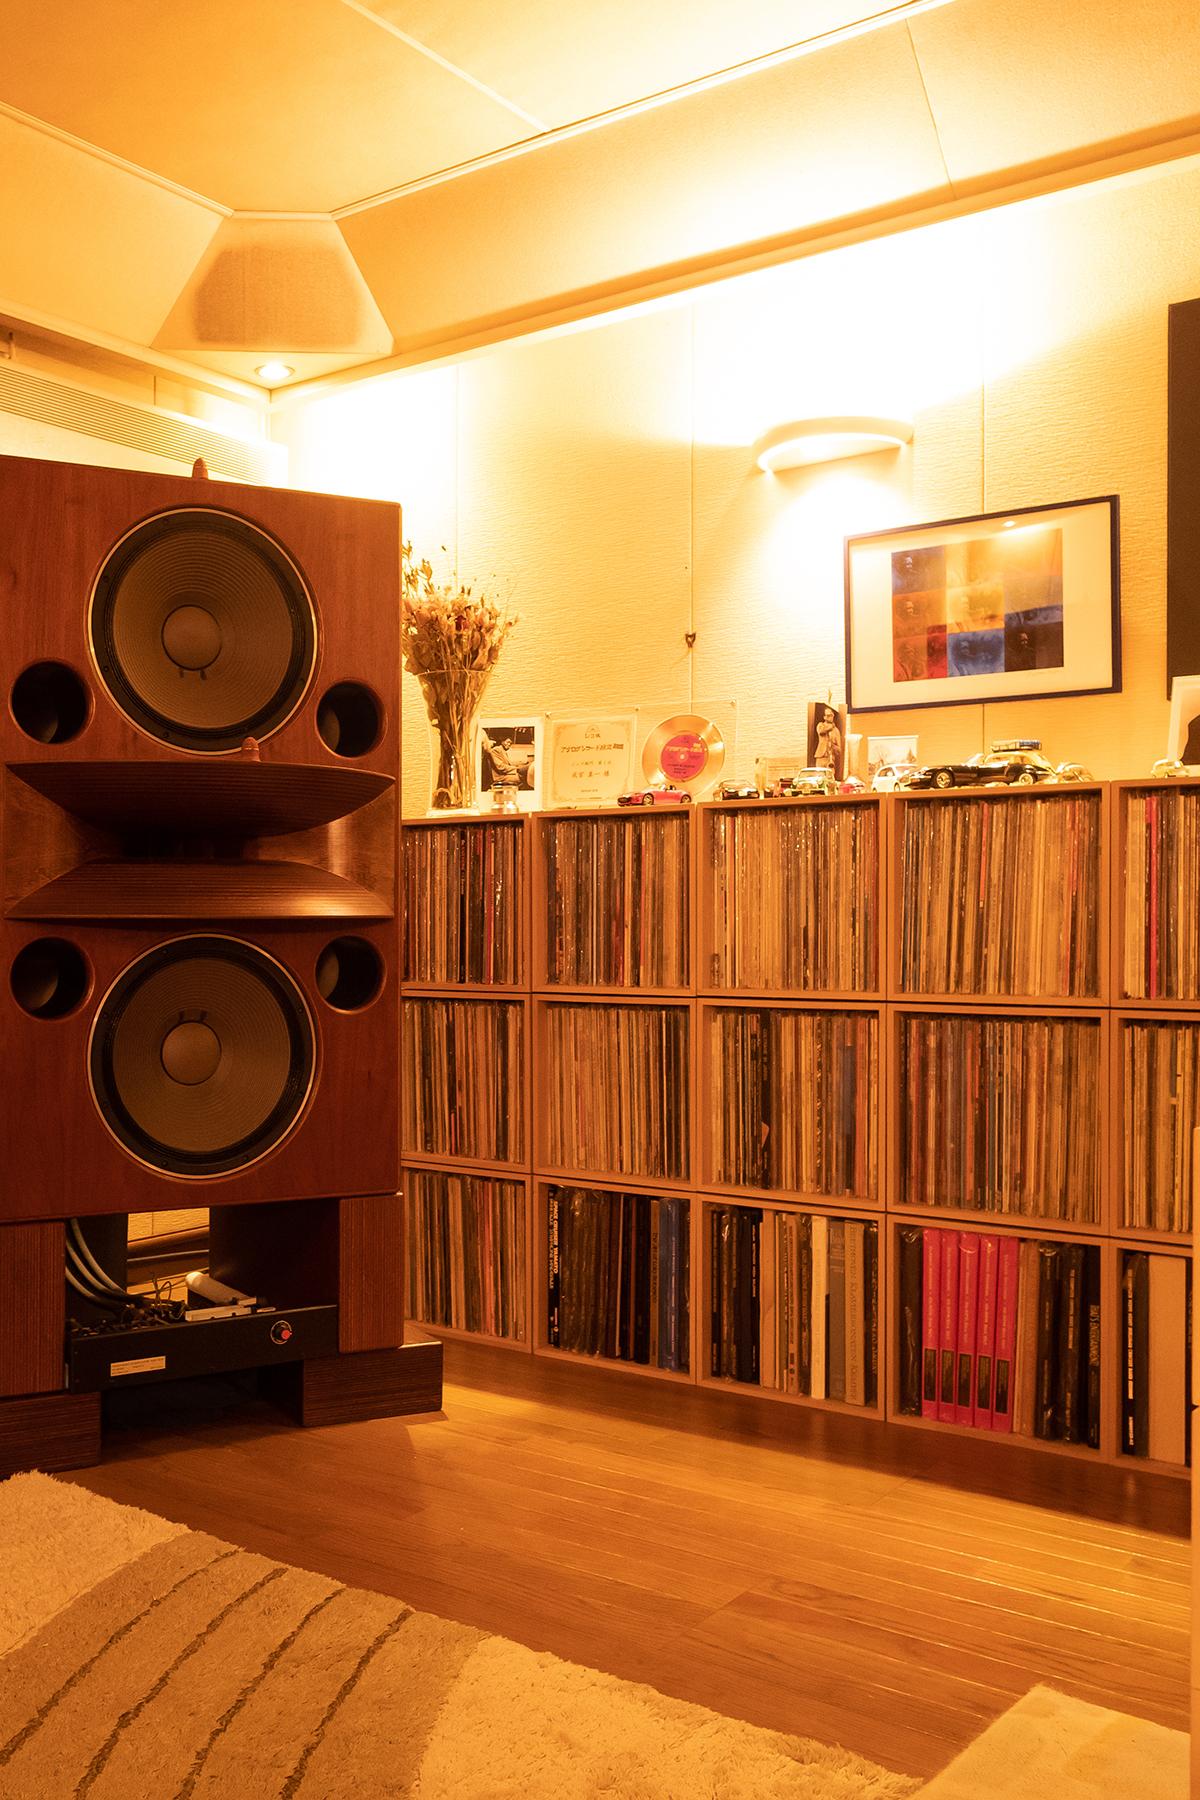 アナログLPレコードのためのオーディオルーム